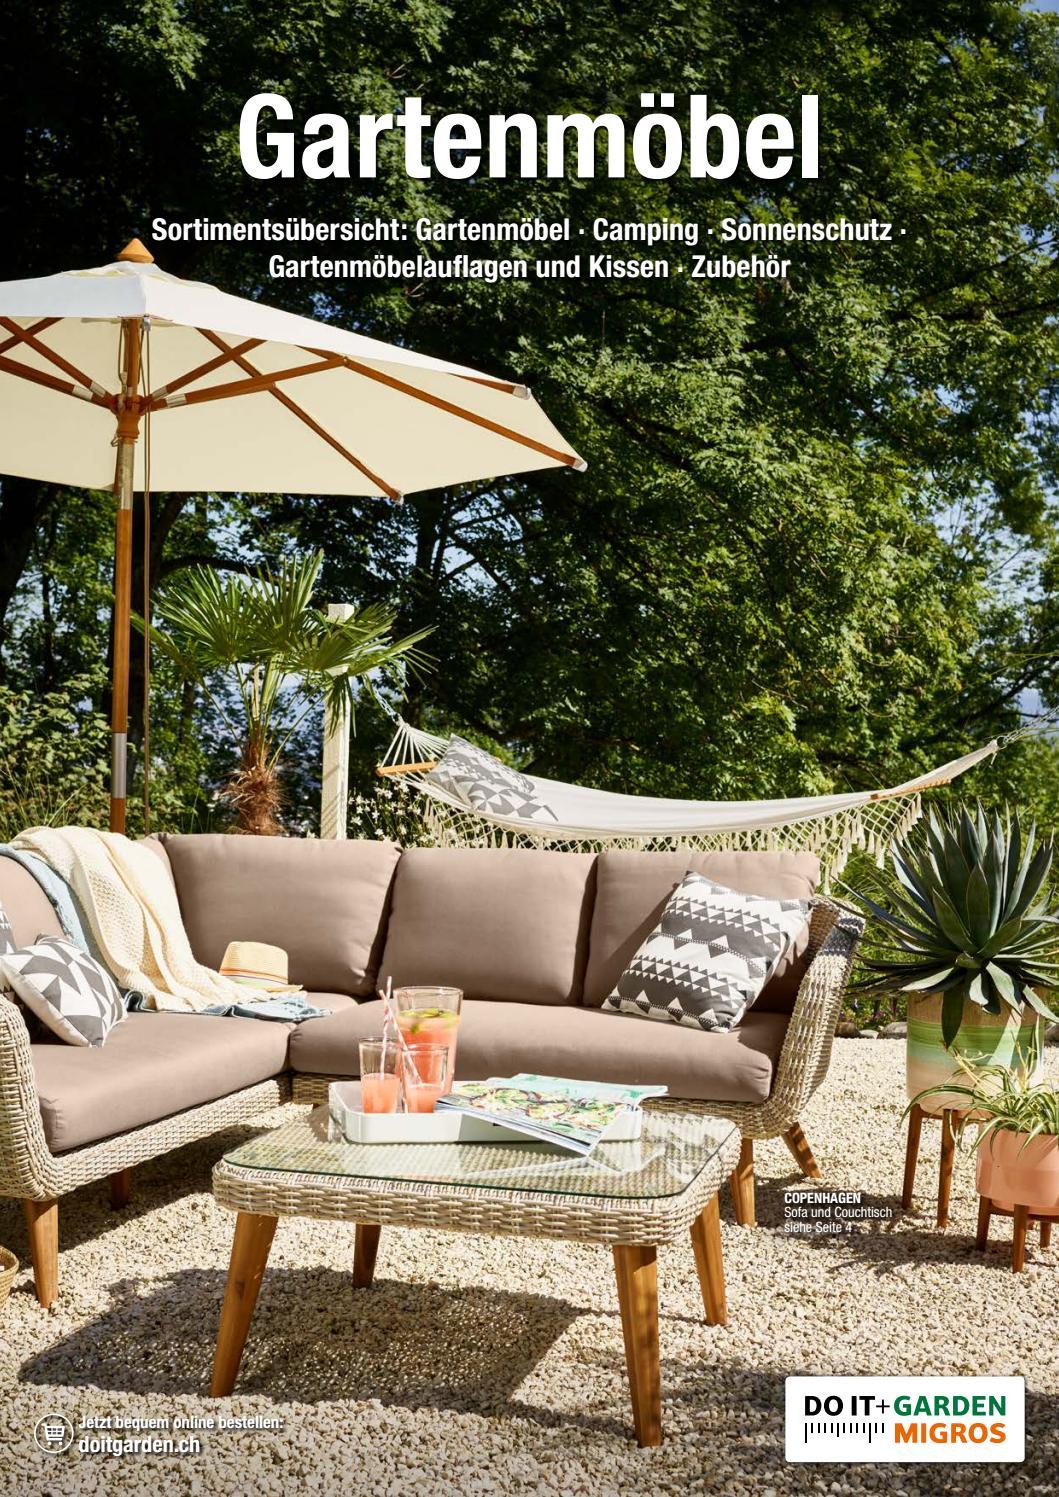 Sortimentsübersicht Gartenmöbel 2018 By Migros